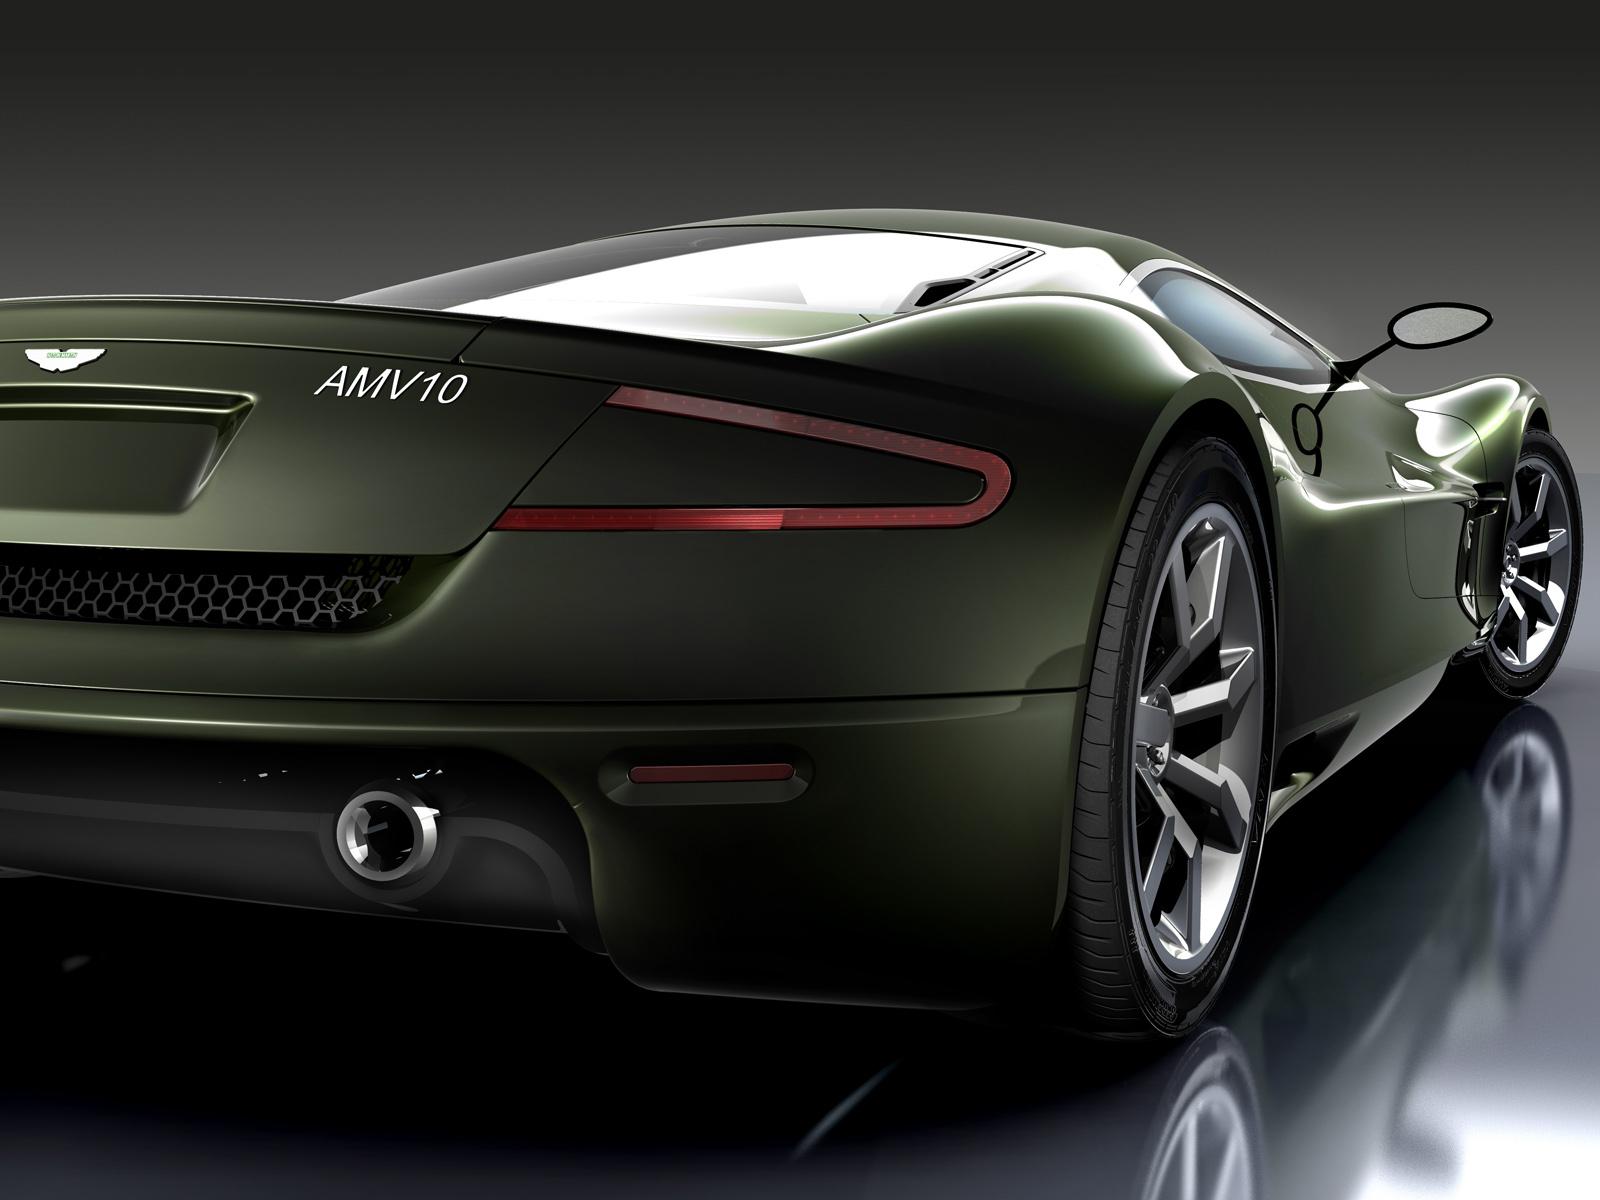 Aston Martin Amv10